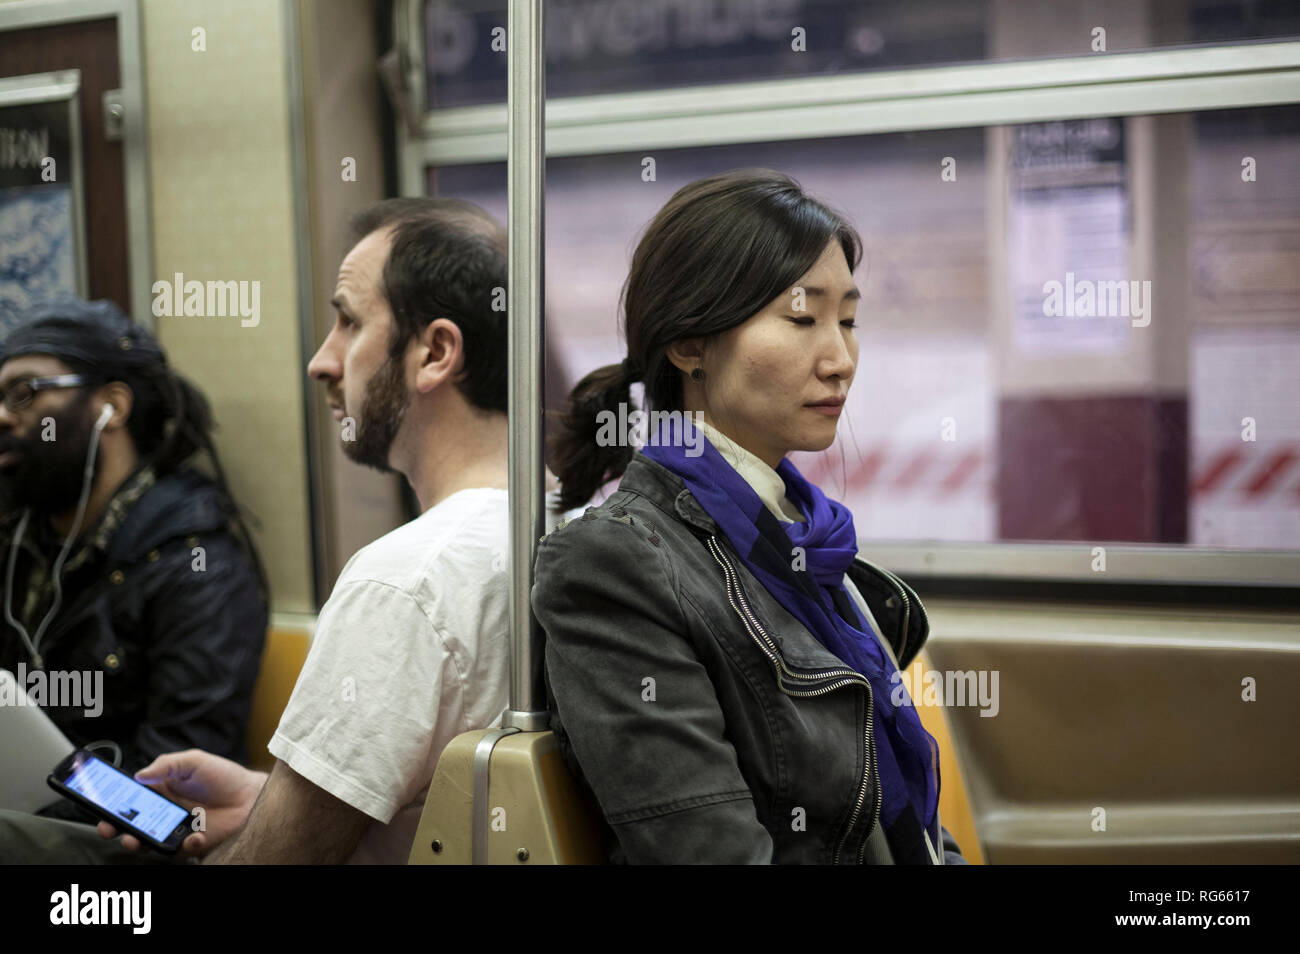 Menschen gehen über ihr tägliches Leben in New York City. Stockbild